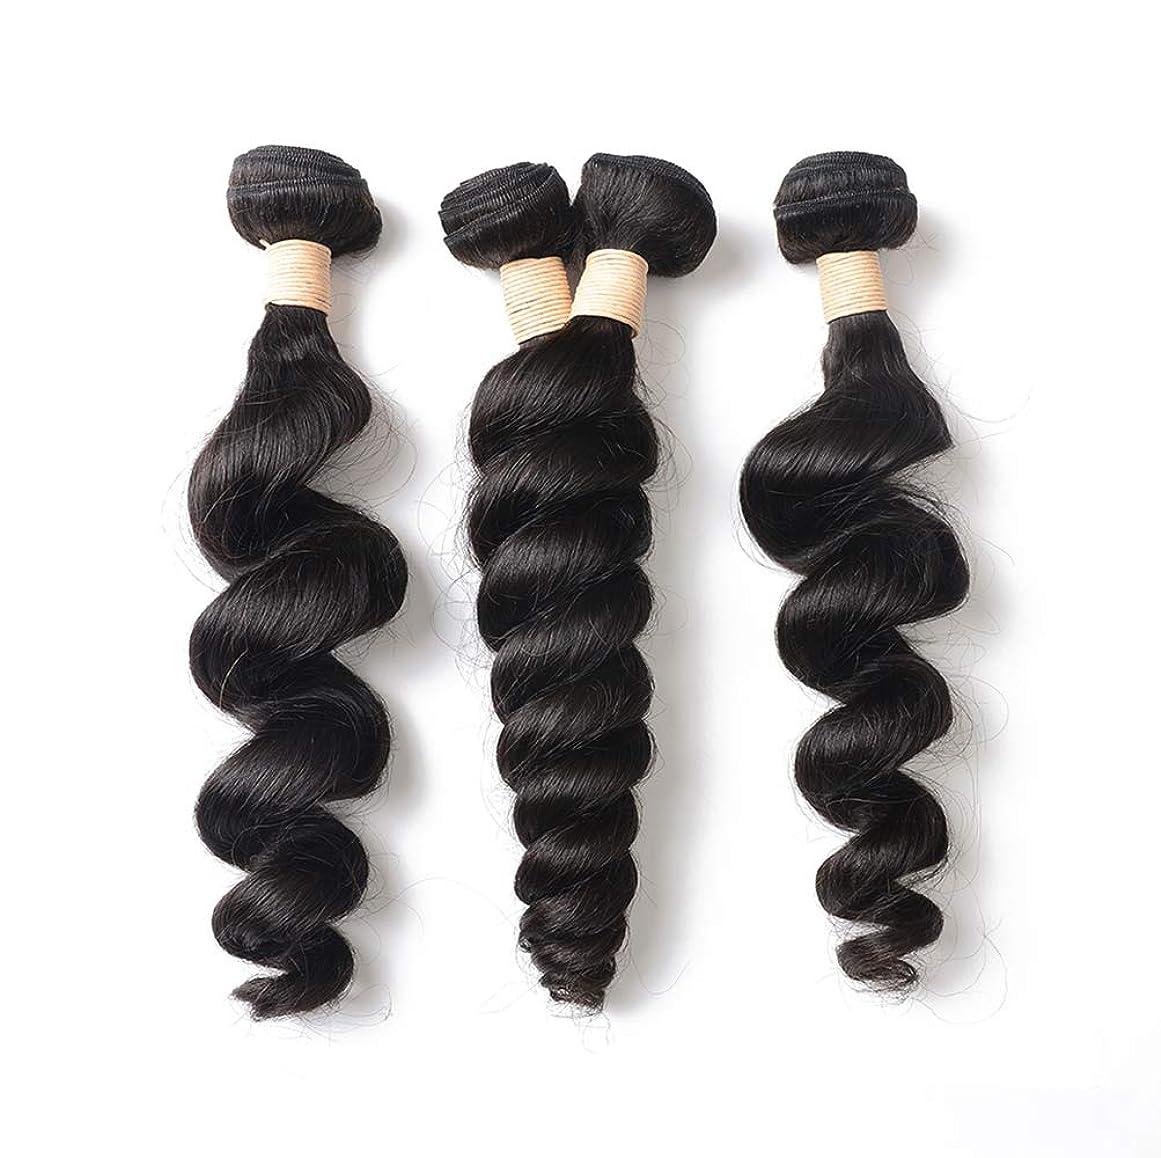 例バーガー差別的女性の髪織り150%密度ブラジル実体波髪1バンドルグレード8Aバージンレミーリアル人間の髪の毛